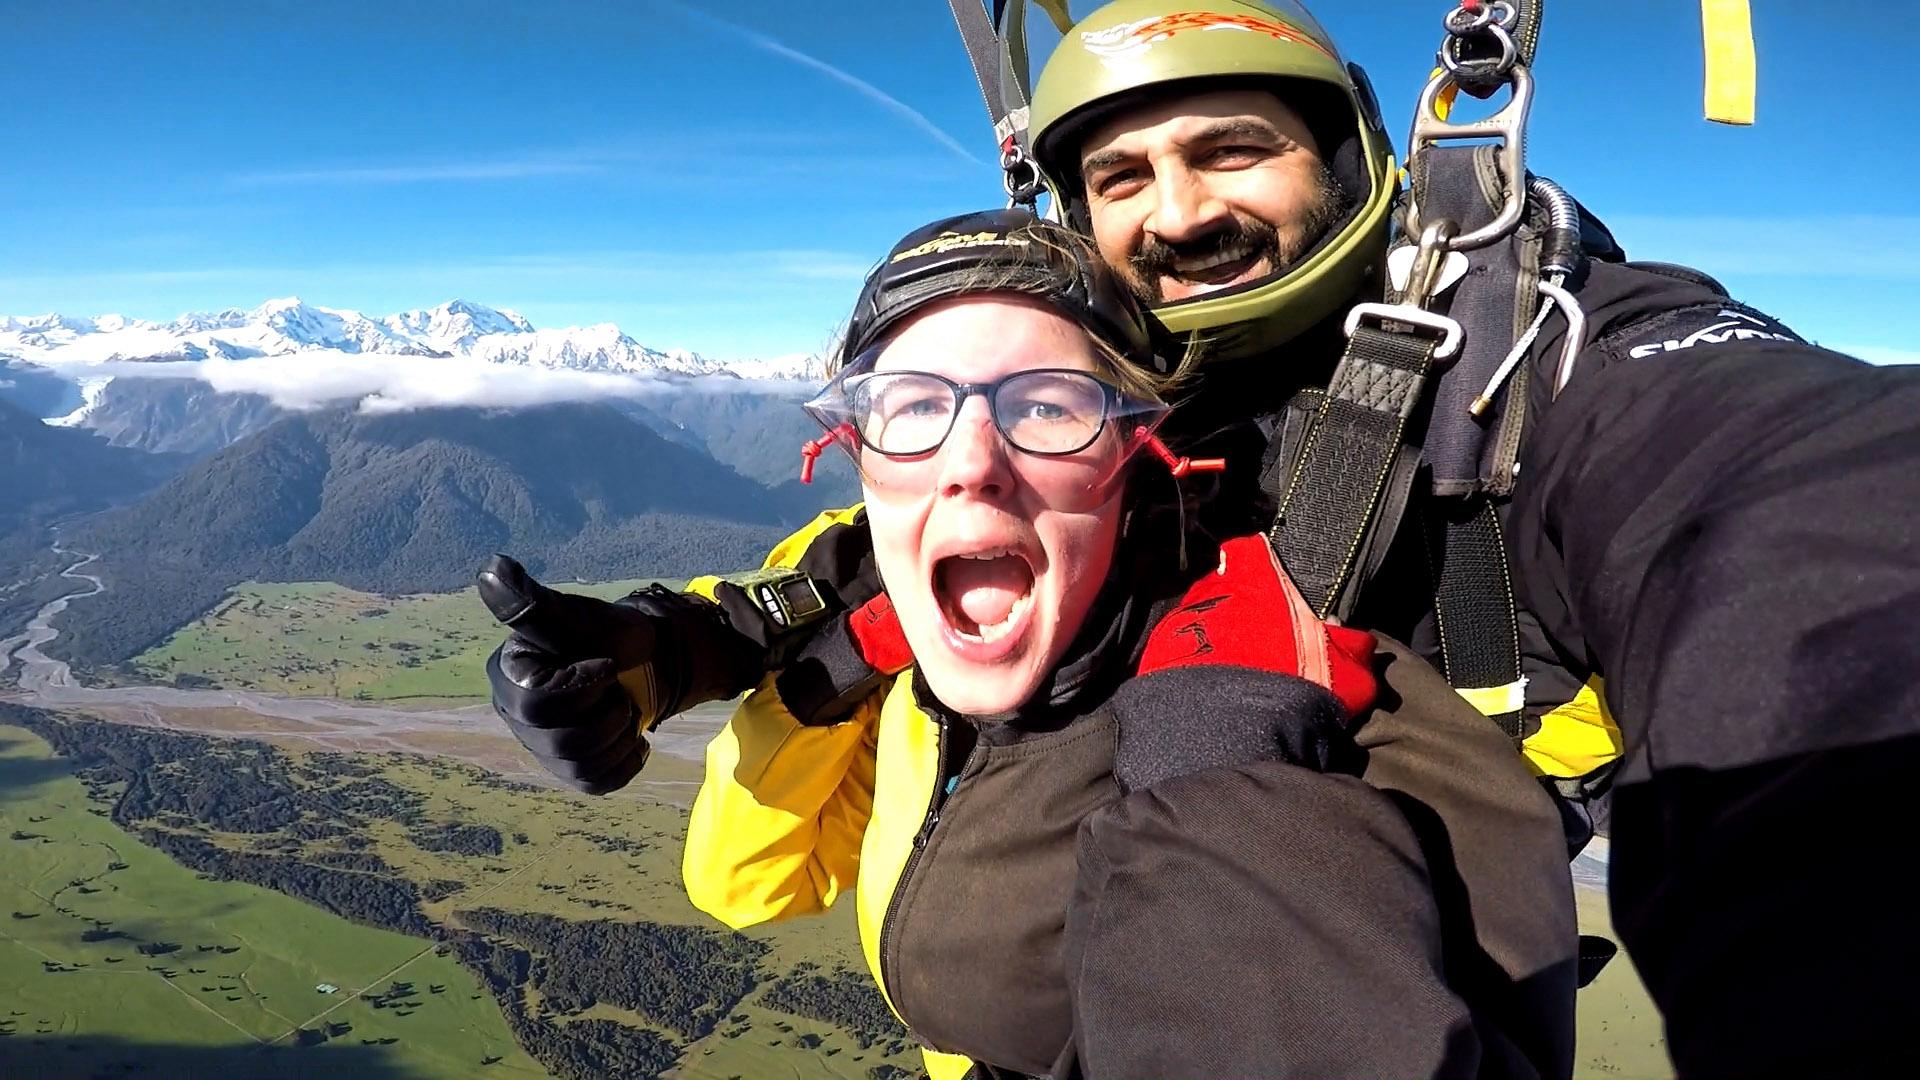 De parachute is open, wat een ervaring zo'n skydive boven Nieuw-Zeeland